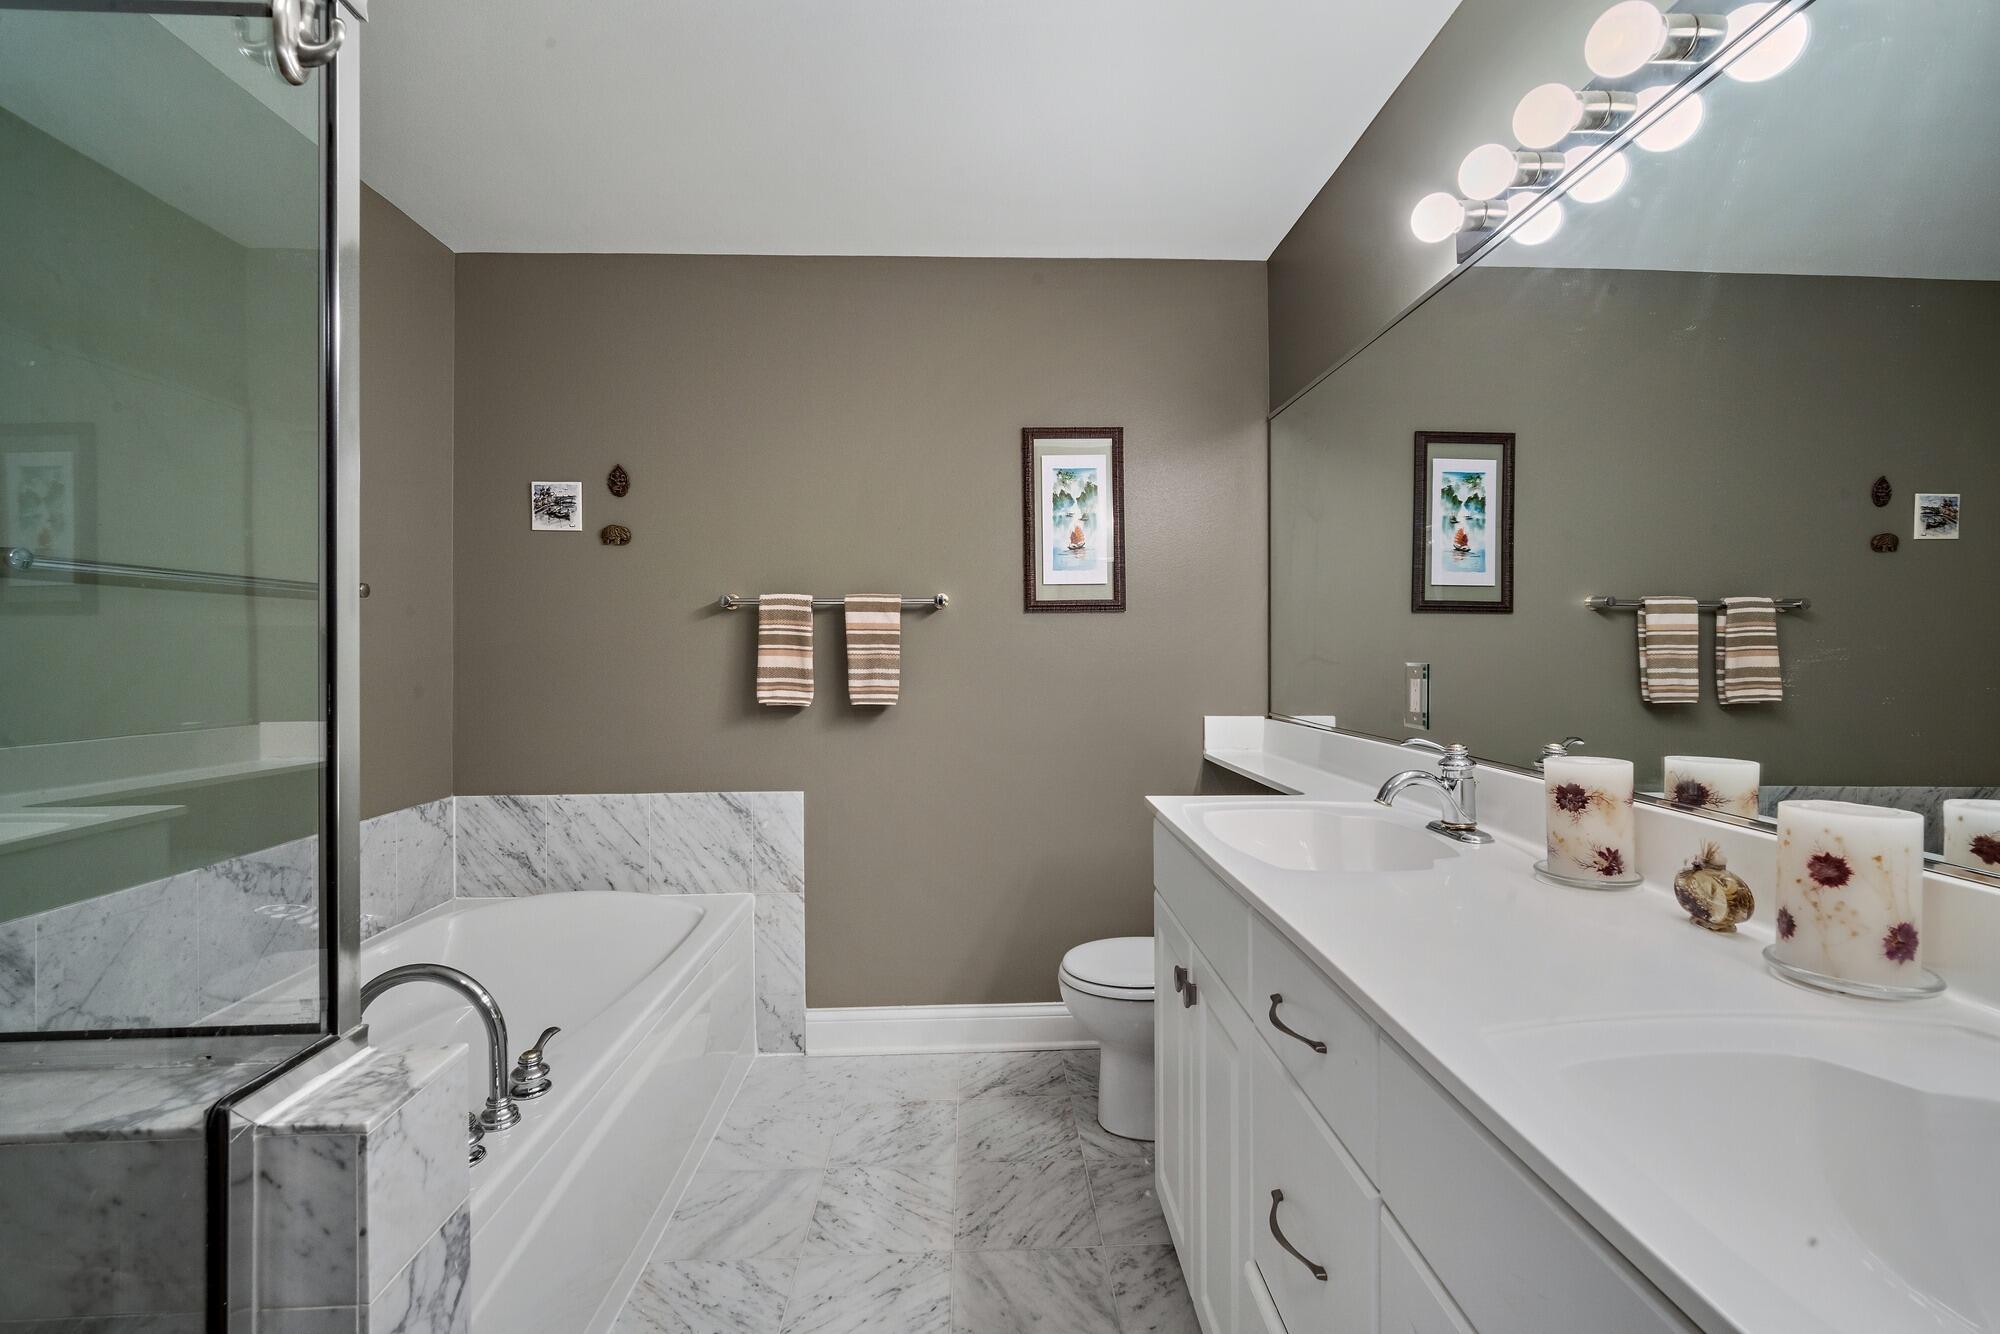 Marble en suite double sink bath.